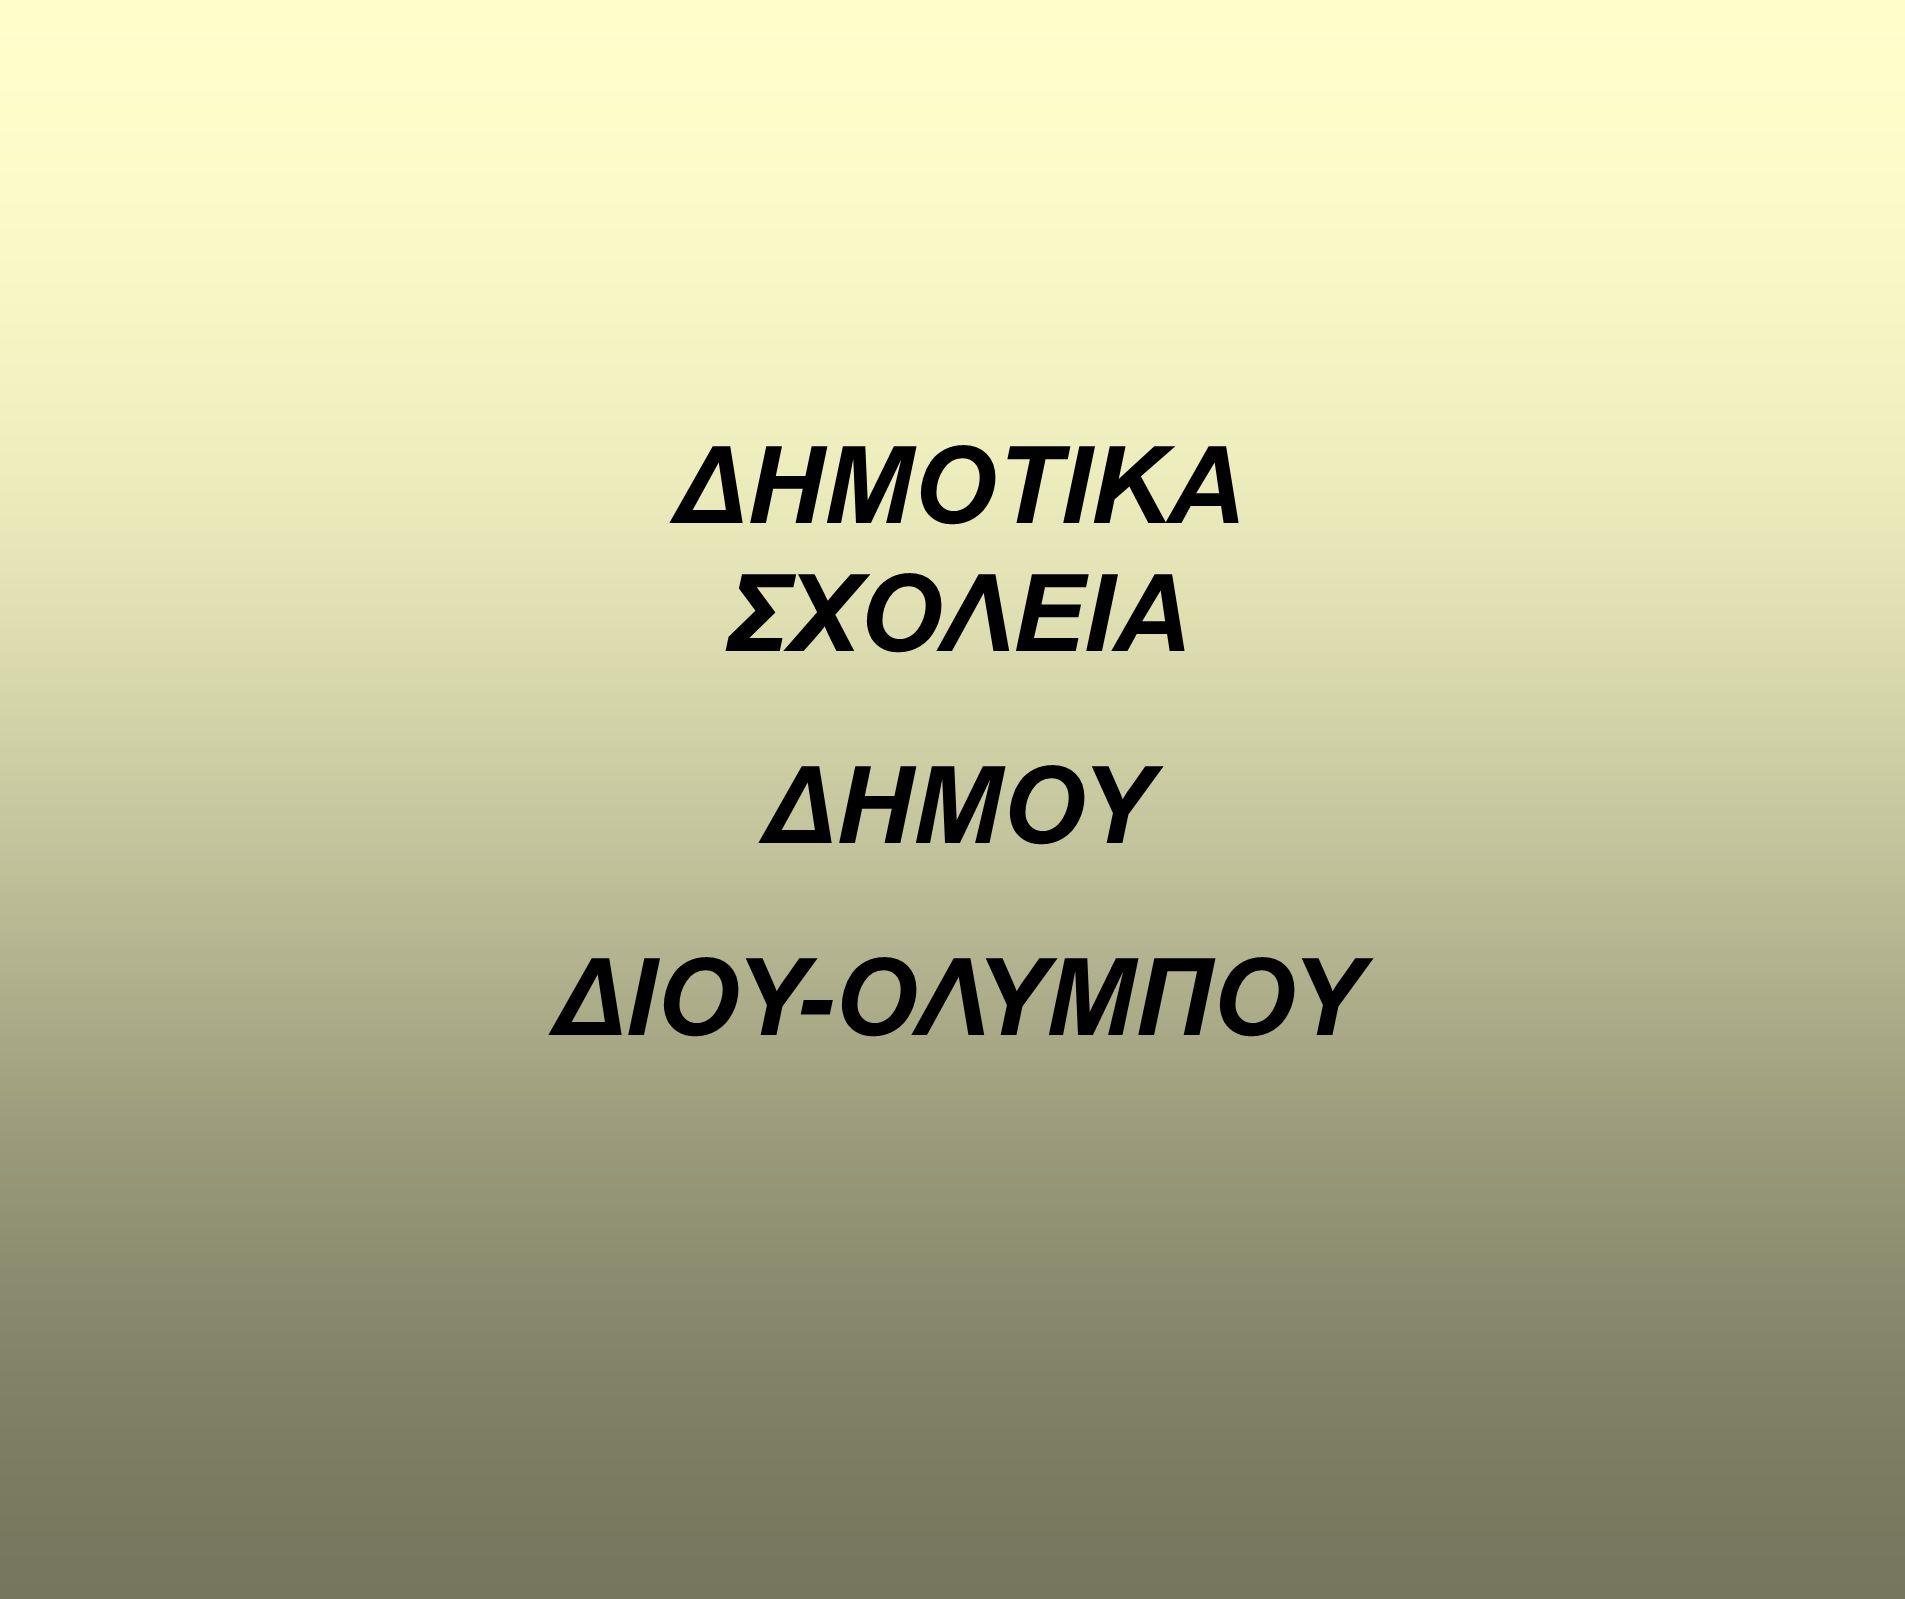 ΔΗΜΟΤΙΚΑ ΣΧΟΛΕΙΑ ΔΗΜΟΥ ΔΙΟΥ-ΟΛΥΜΠΟΥ